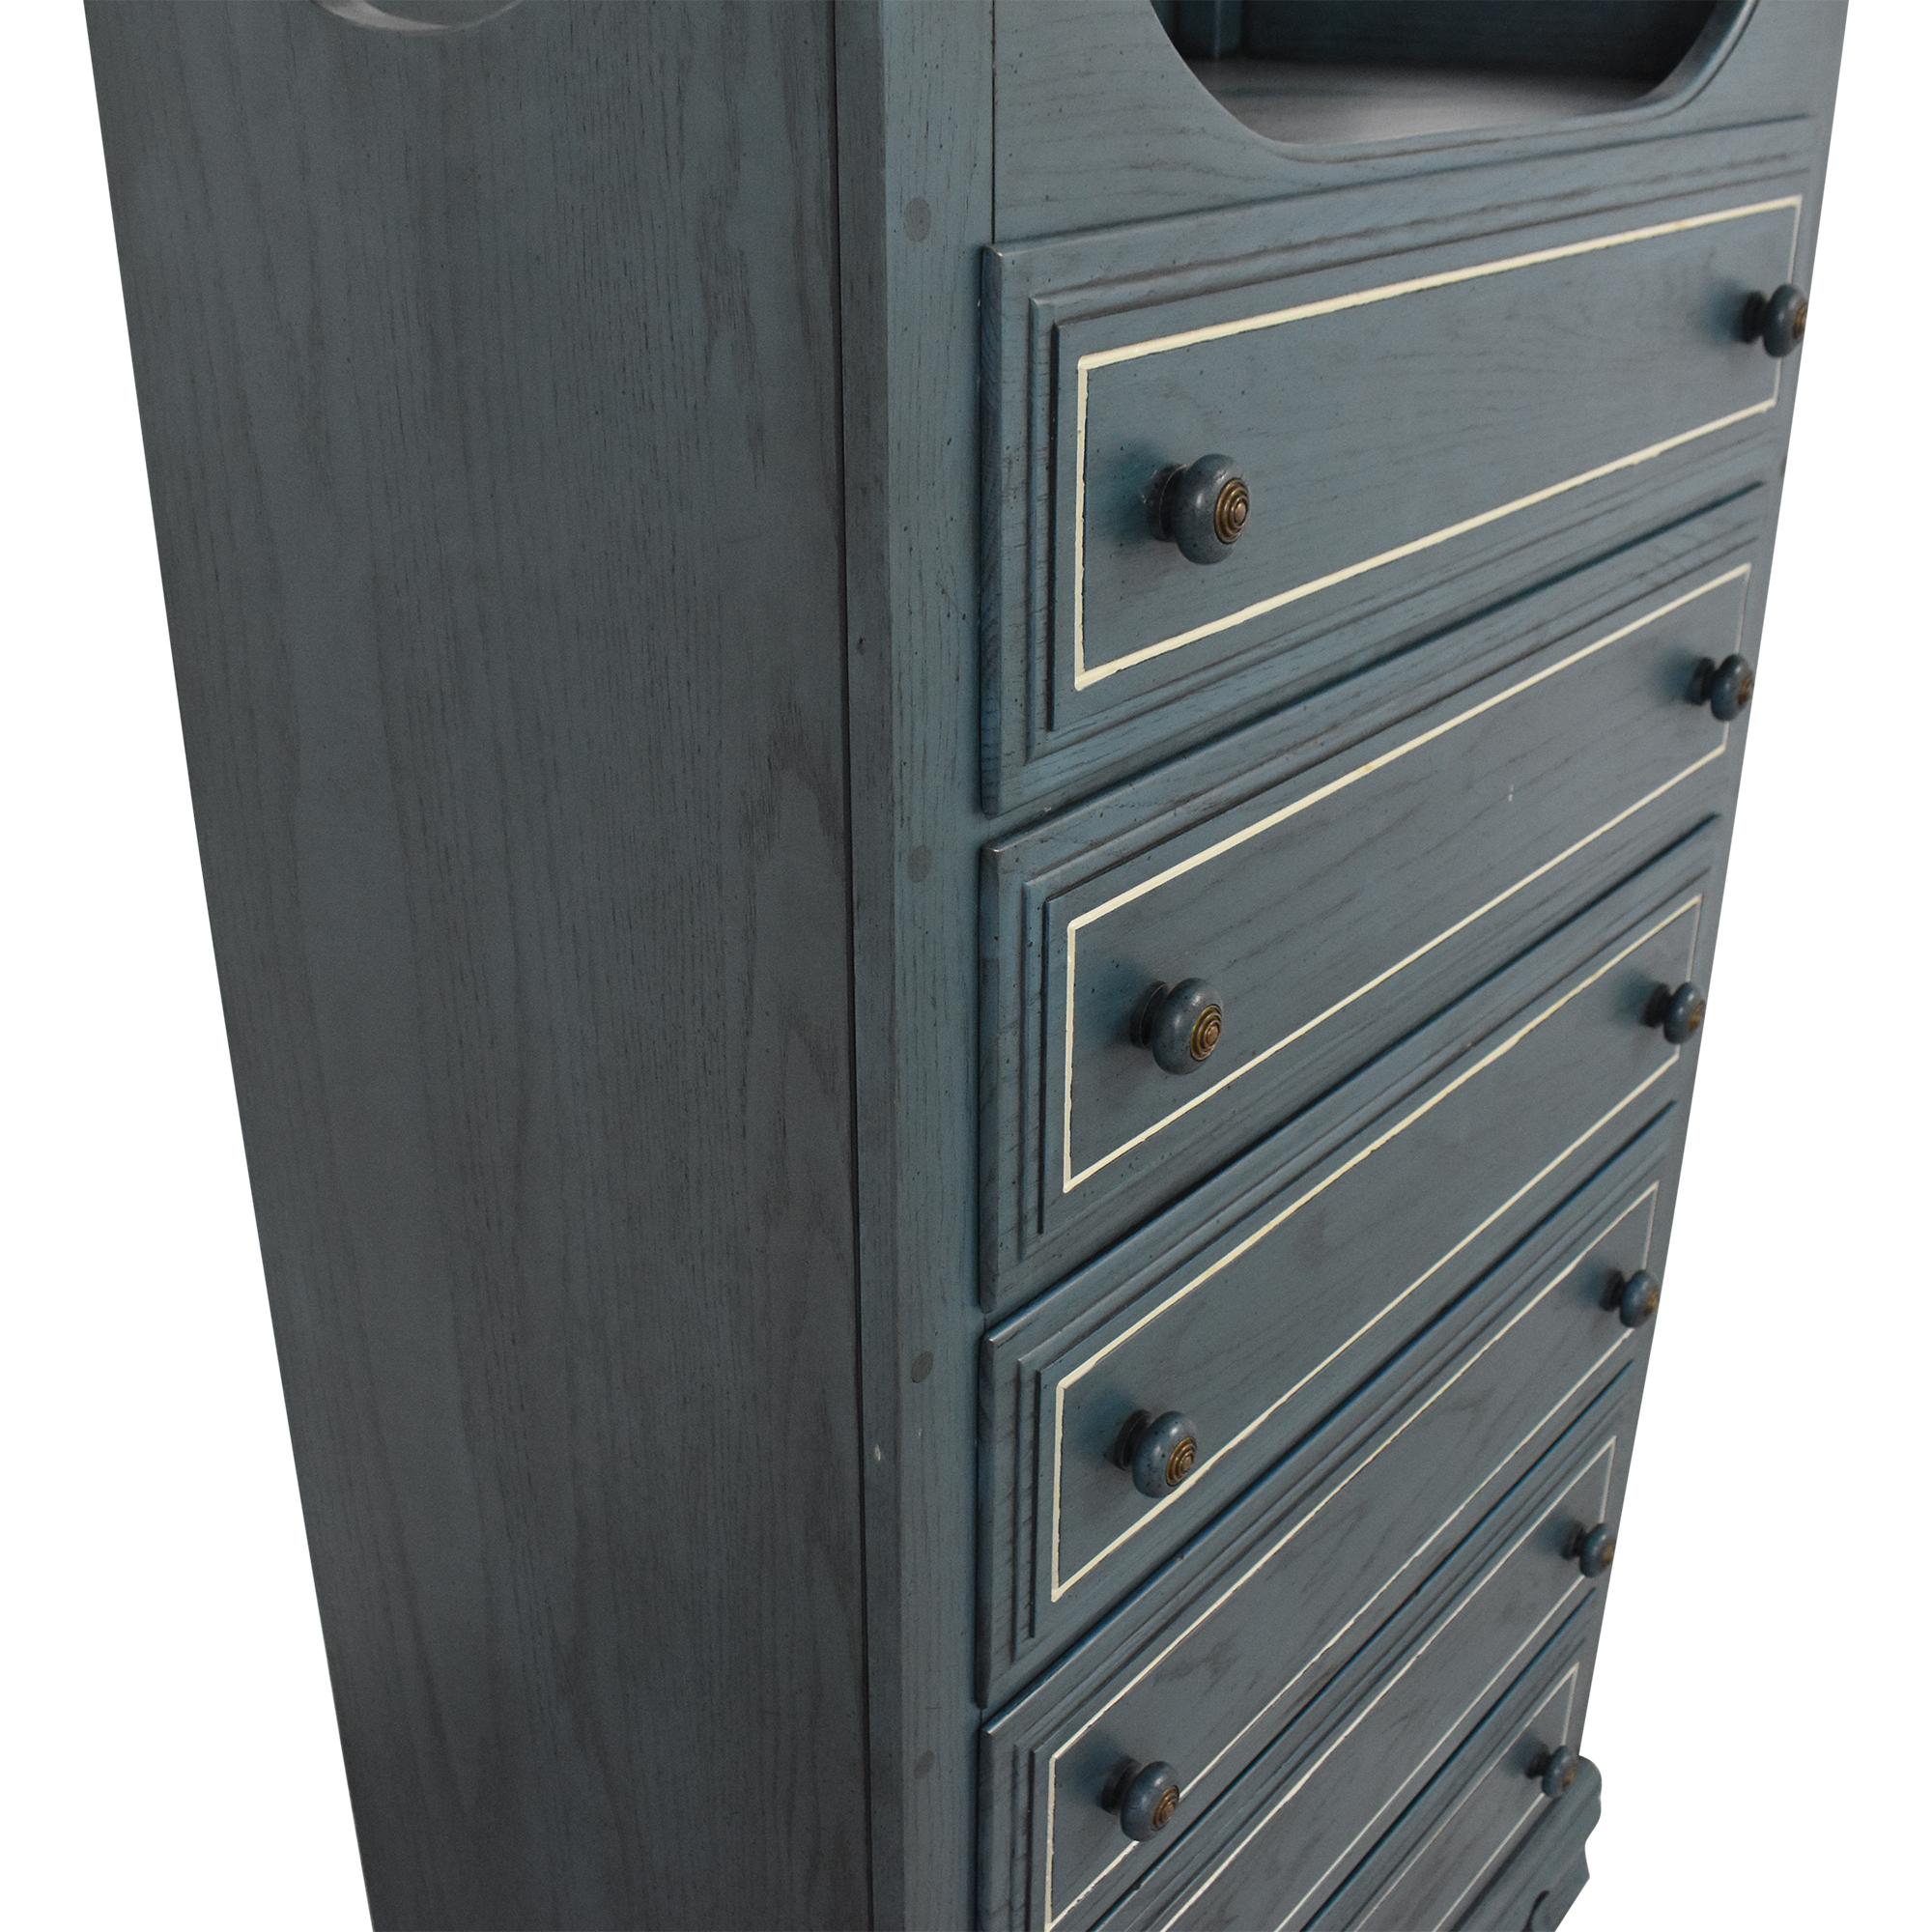 Ethan Allen Ethan Allen Six Drawer Dresser with Shelf price